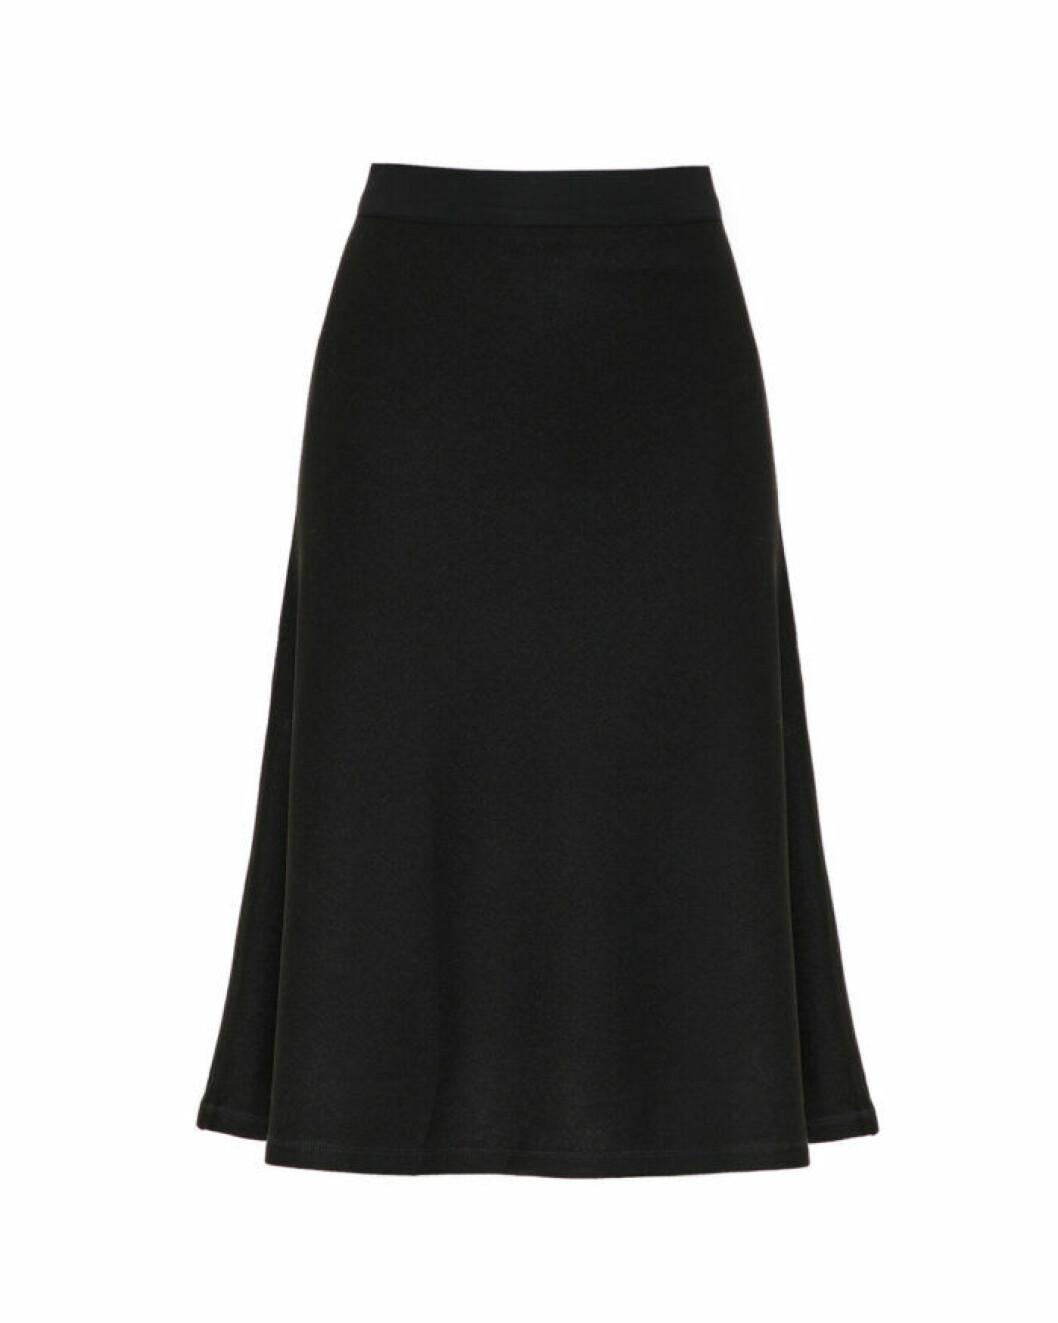 Svart kjol i midi-längd